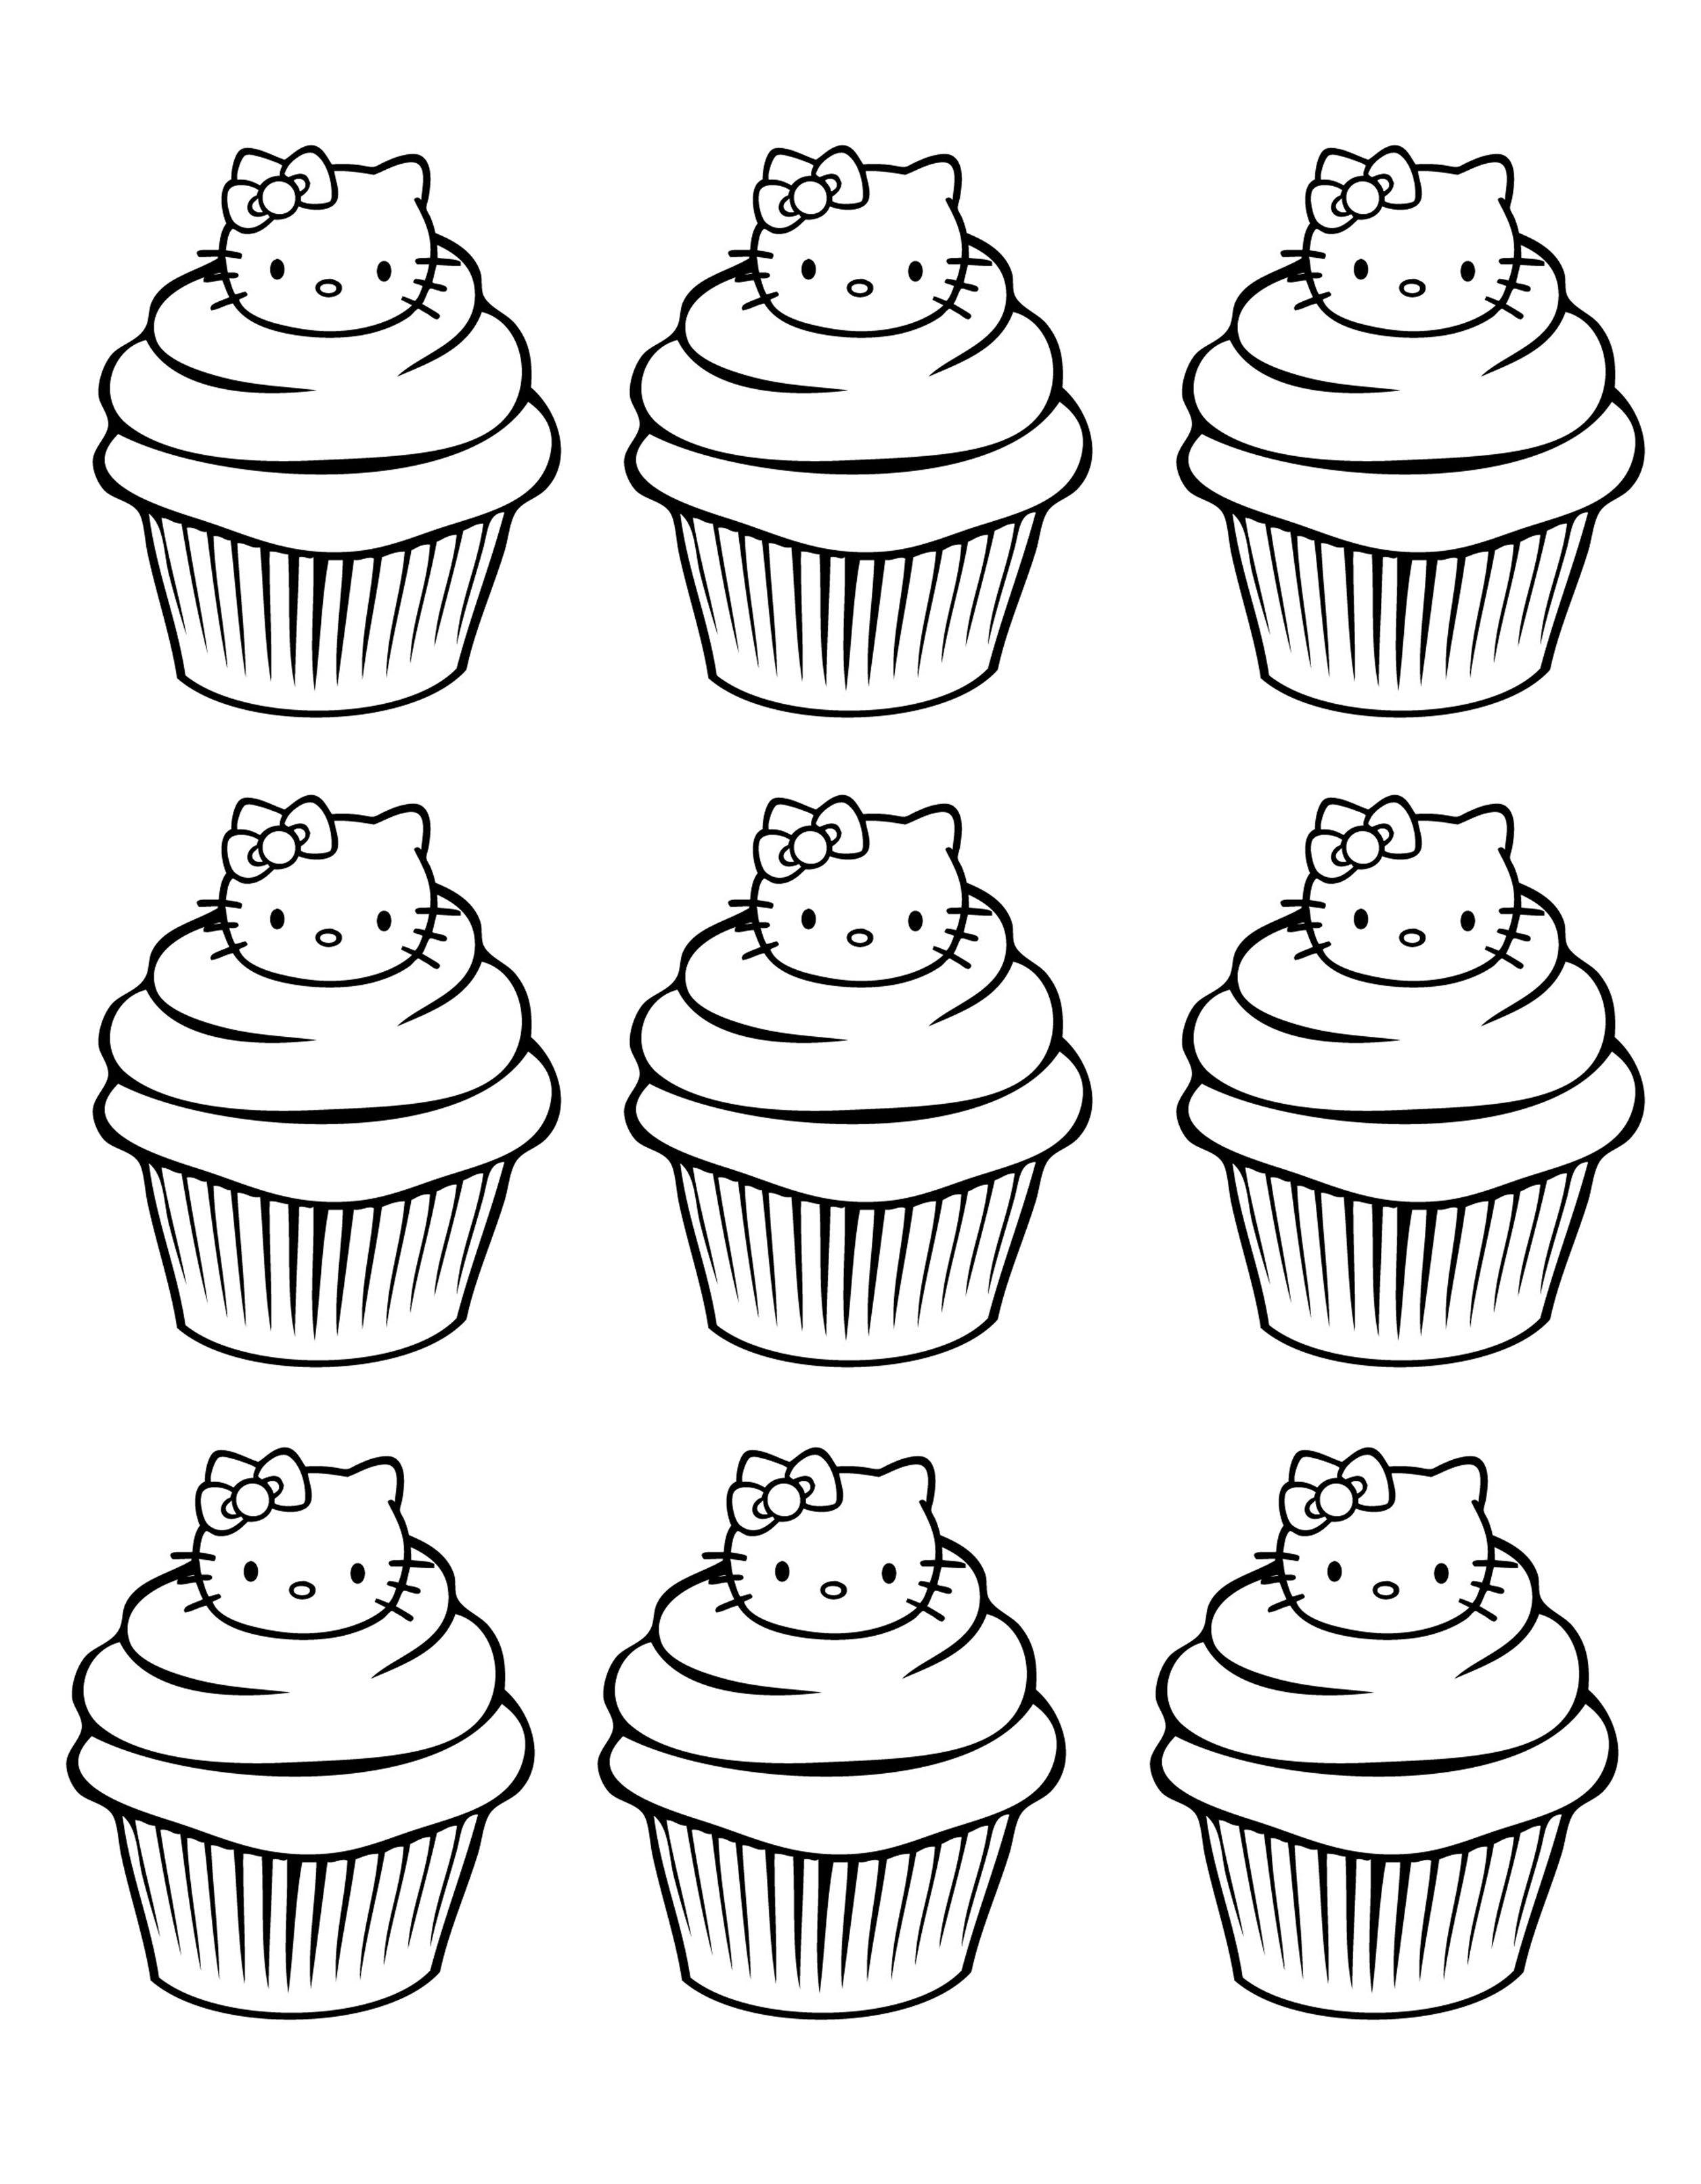 Cup Cakes Coloriages Difficiles Pour Adultes Coloriage Anniversaire Coloriage Coloriage Hello Kitty